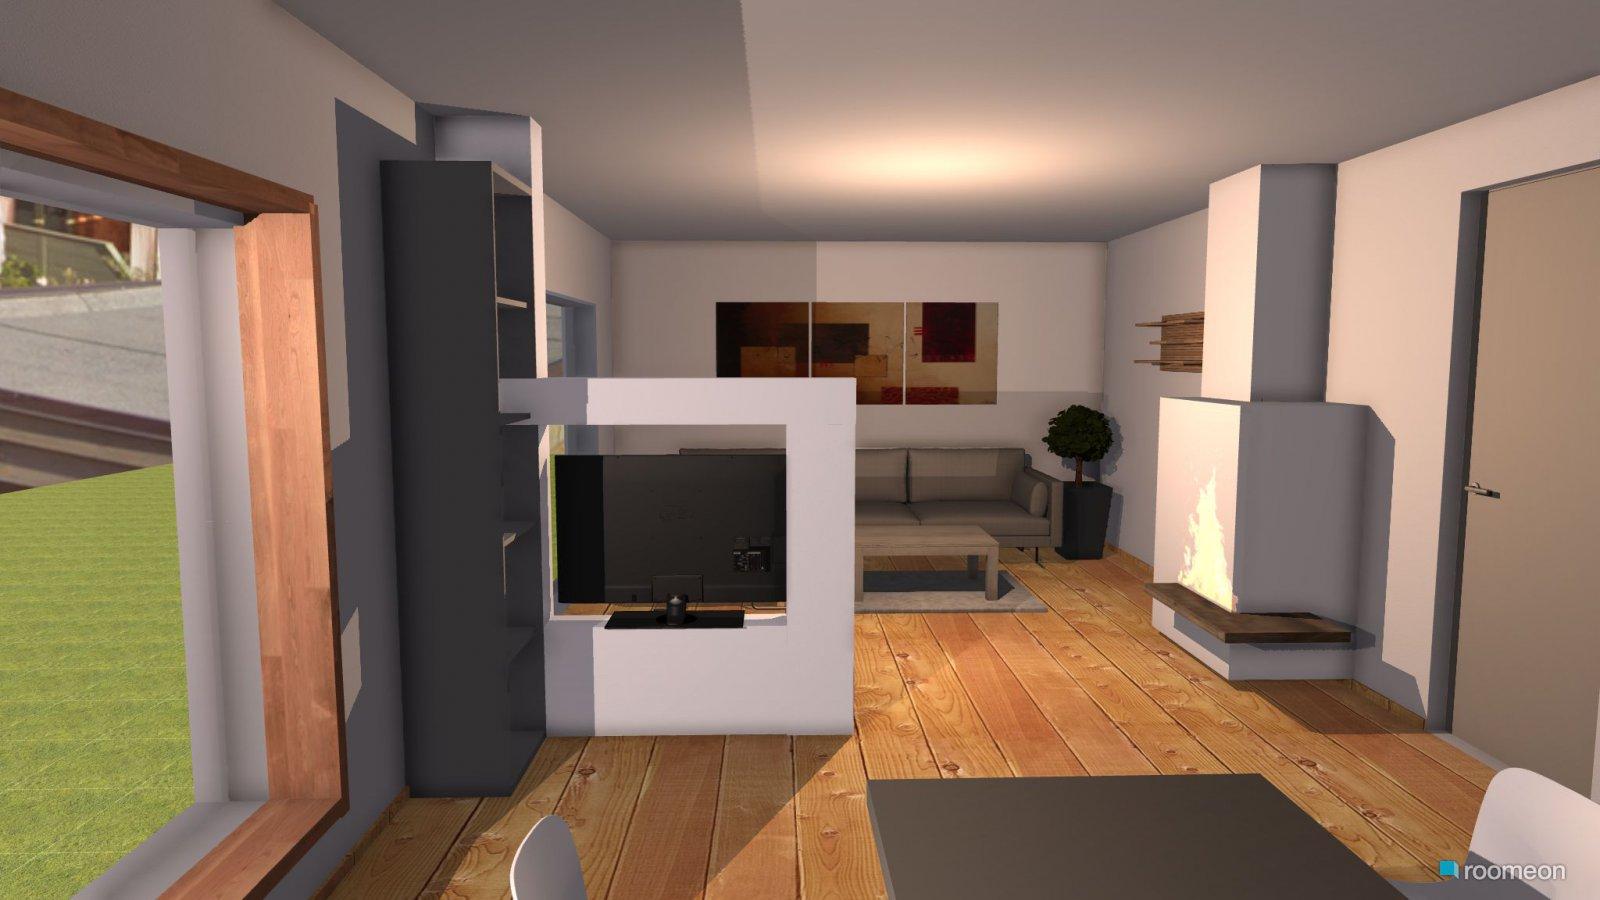 Room Design Variante 3 Grundriss L Form Raumteiler Ofen Vorne Gross Roomeon Community